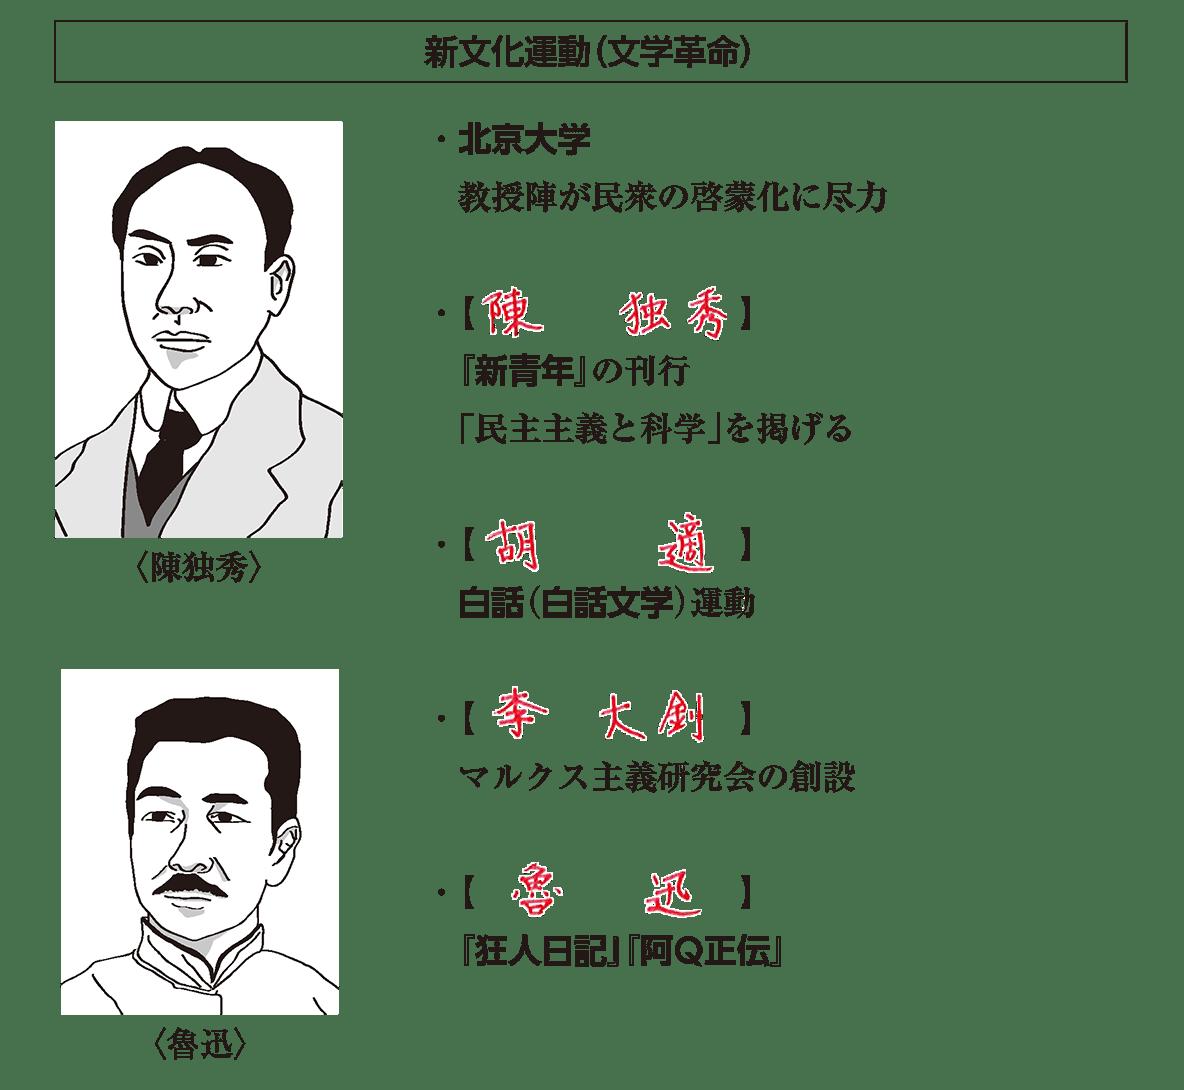 戦間期のアジア諸地域1 ポイント1 答え全部